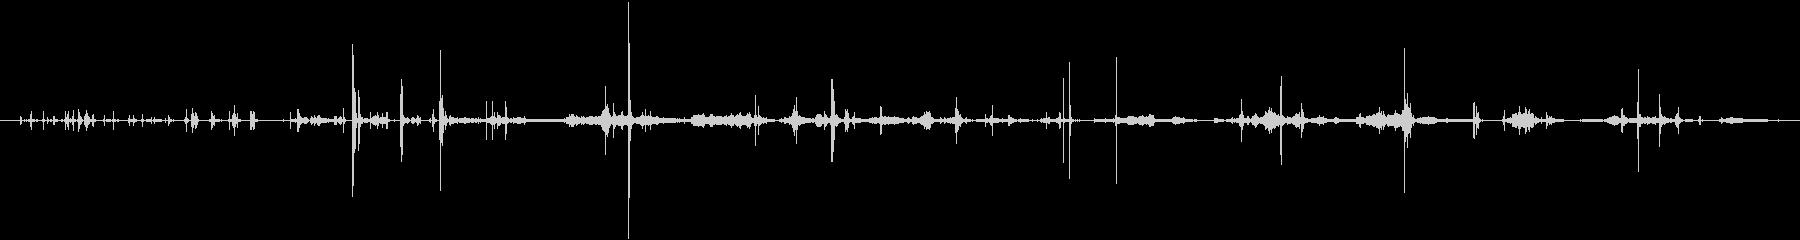 ラージハードカバーブック1:厚いペ...の未再生の波形